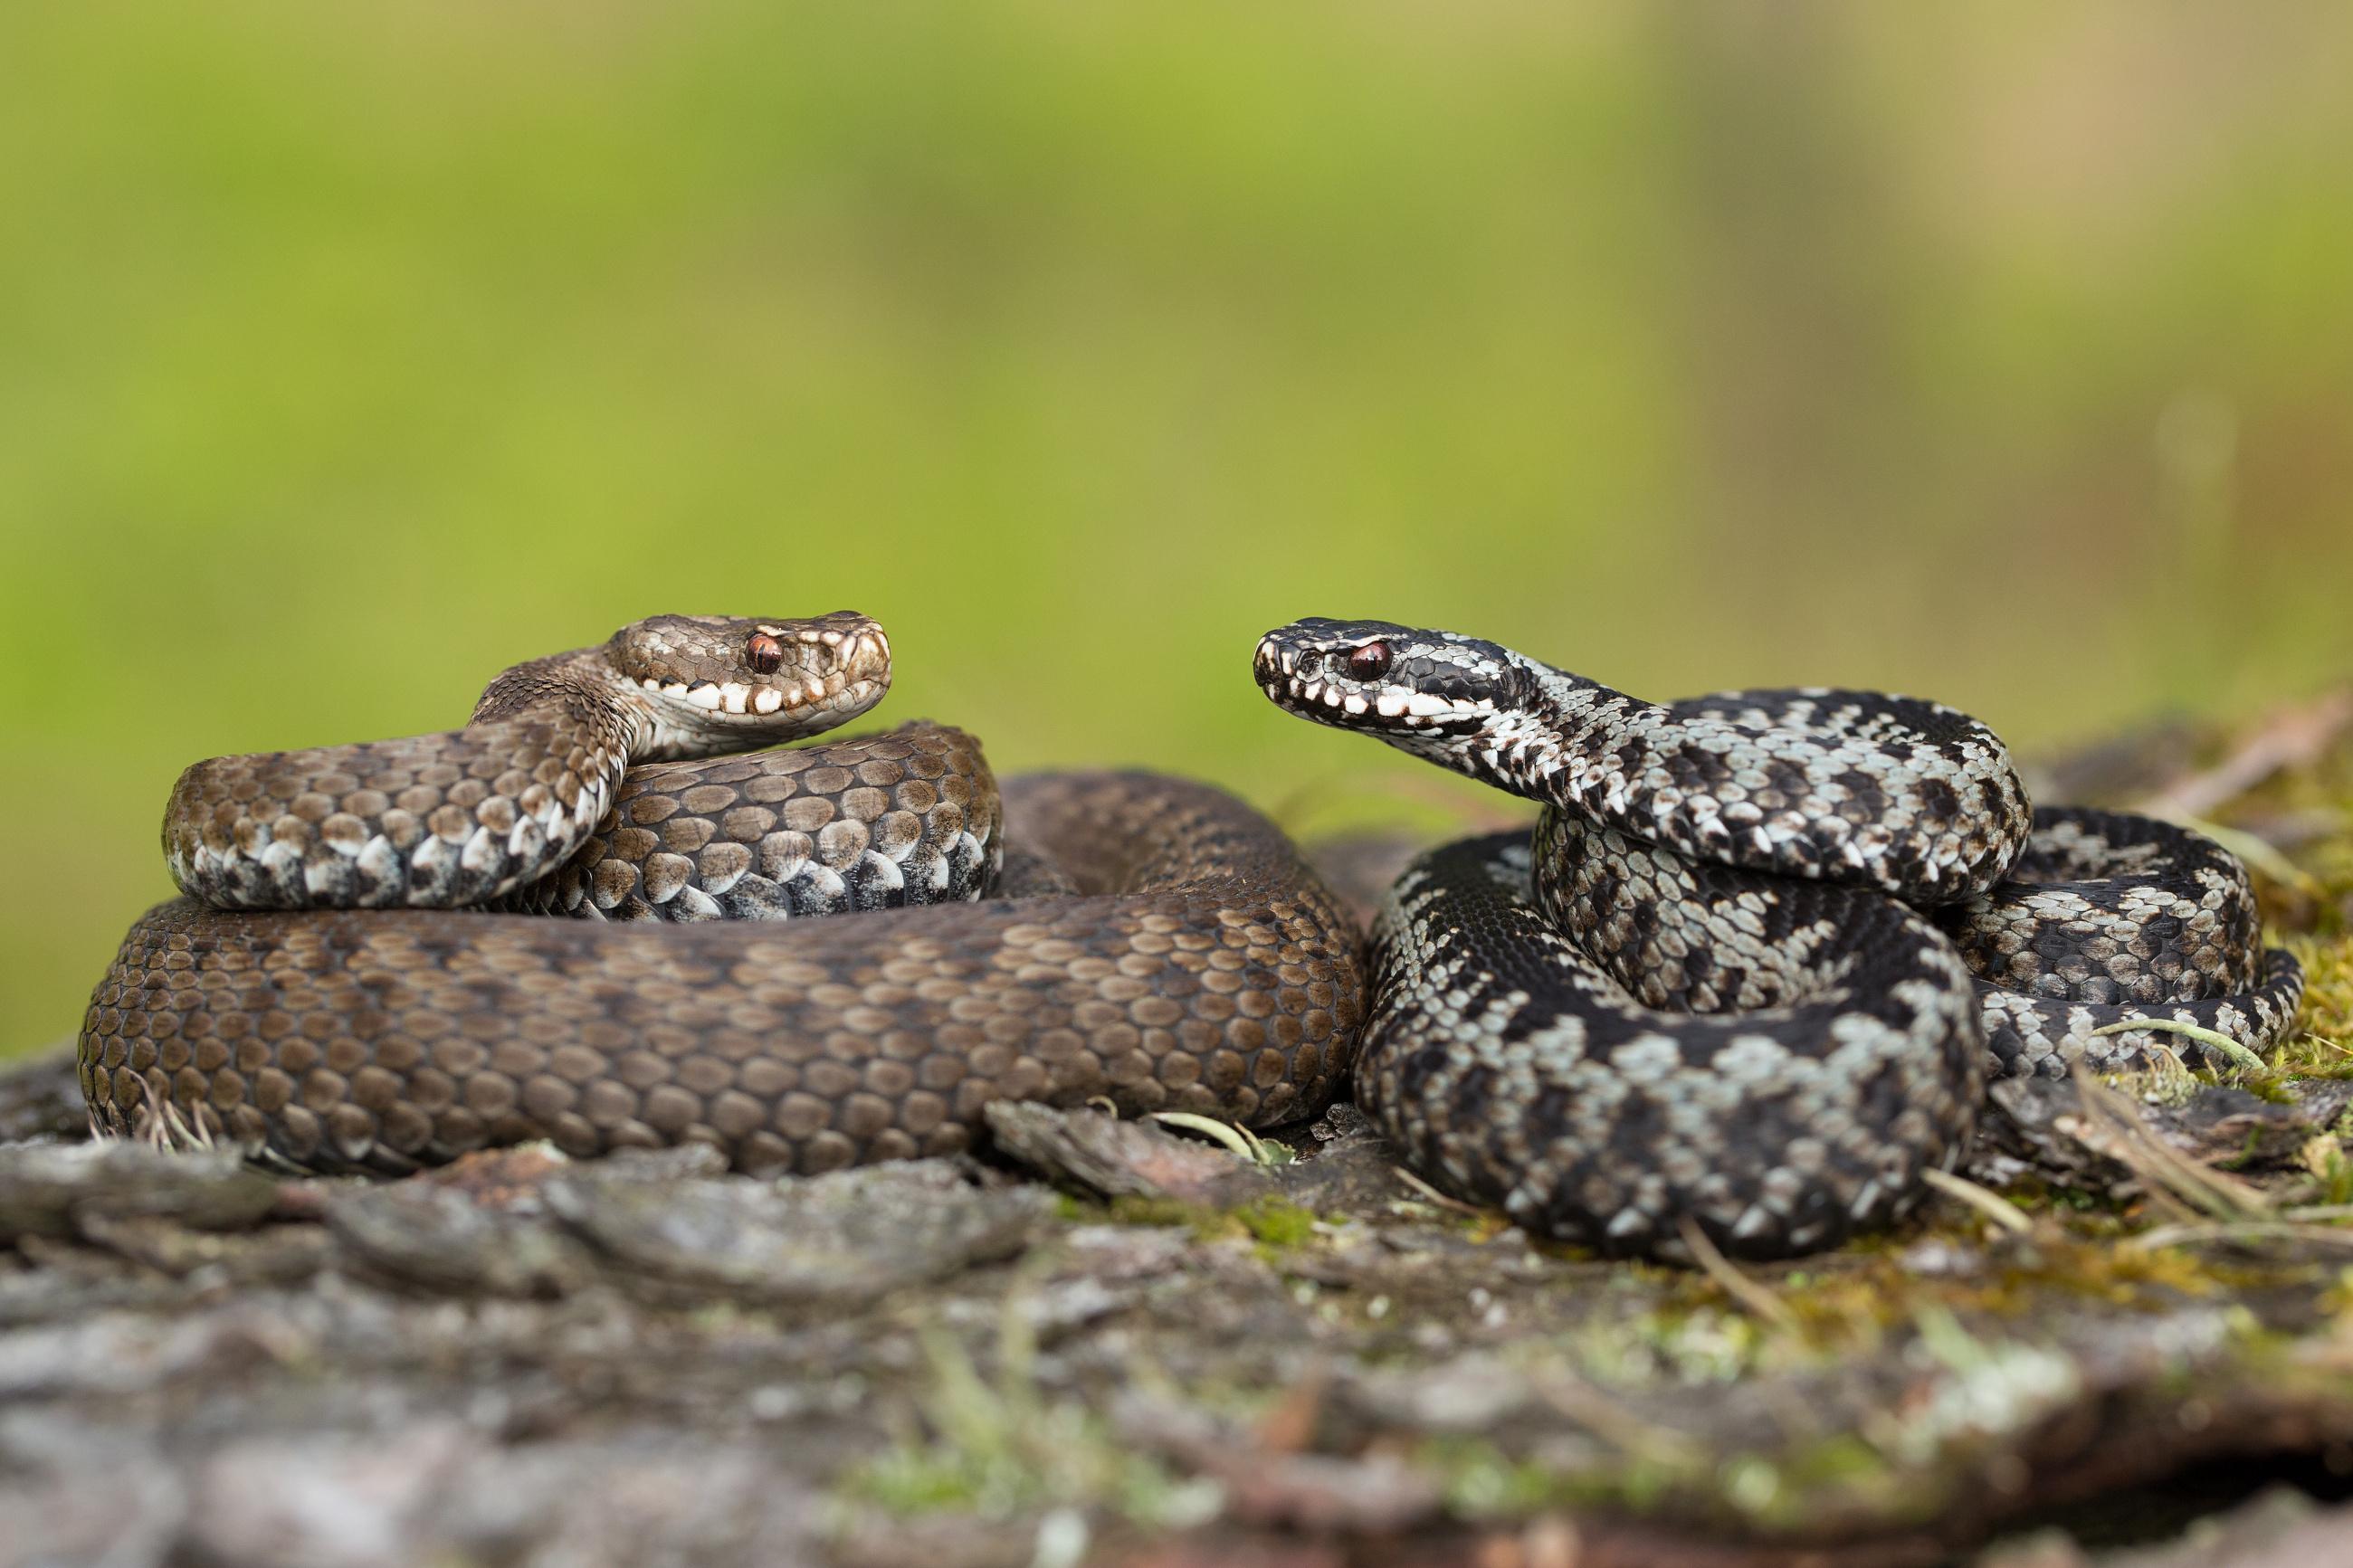 Är du rädd för ormar? Ormfobi är en av de vanligaste fobierna.